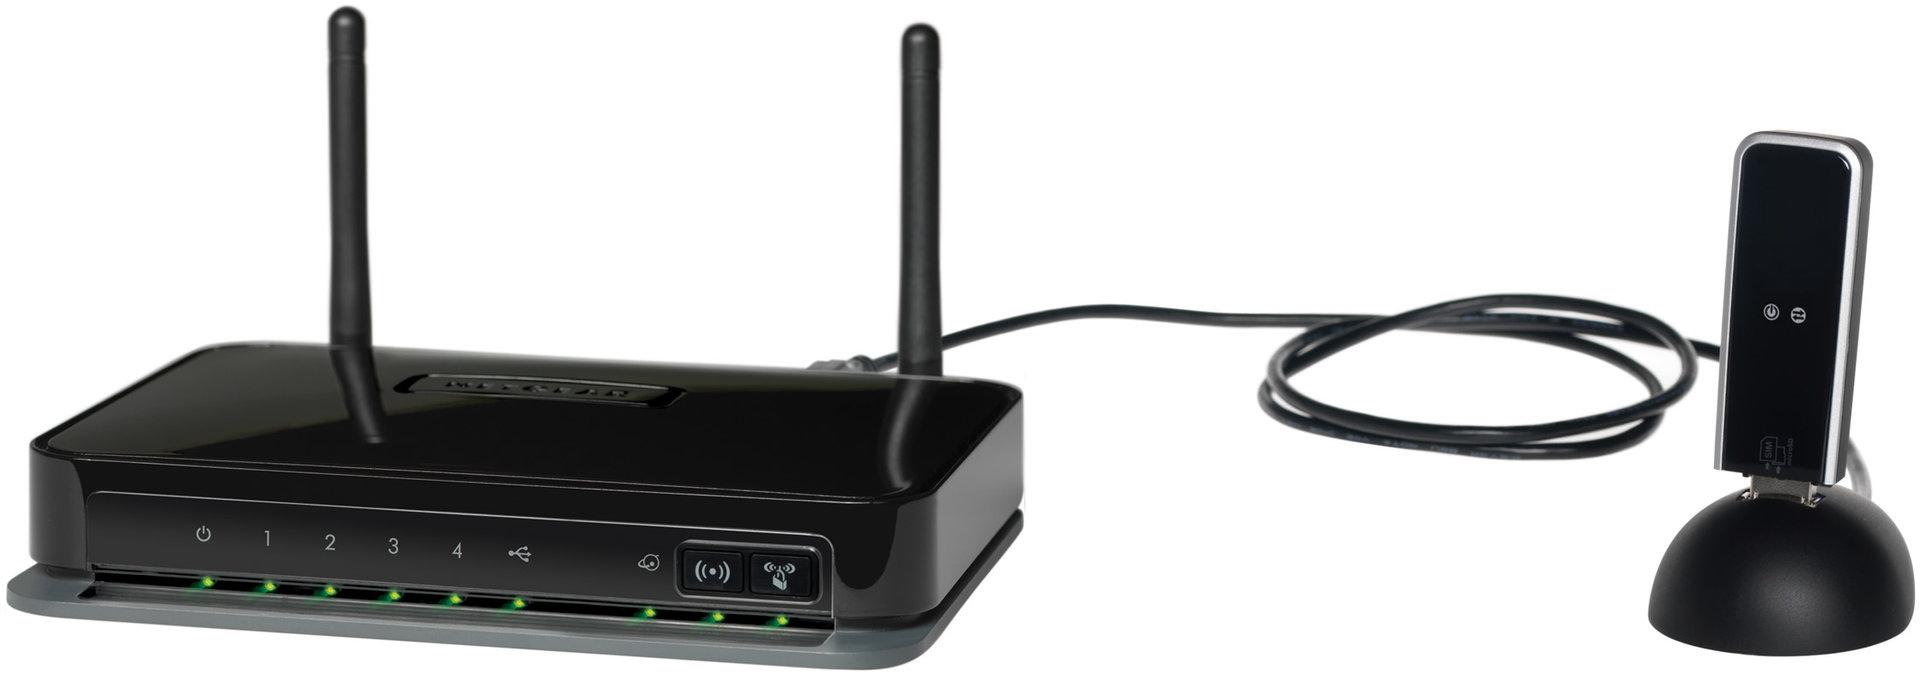 Neatgear MBRN3000 mit USB-Dock